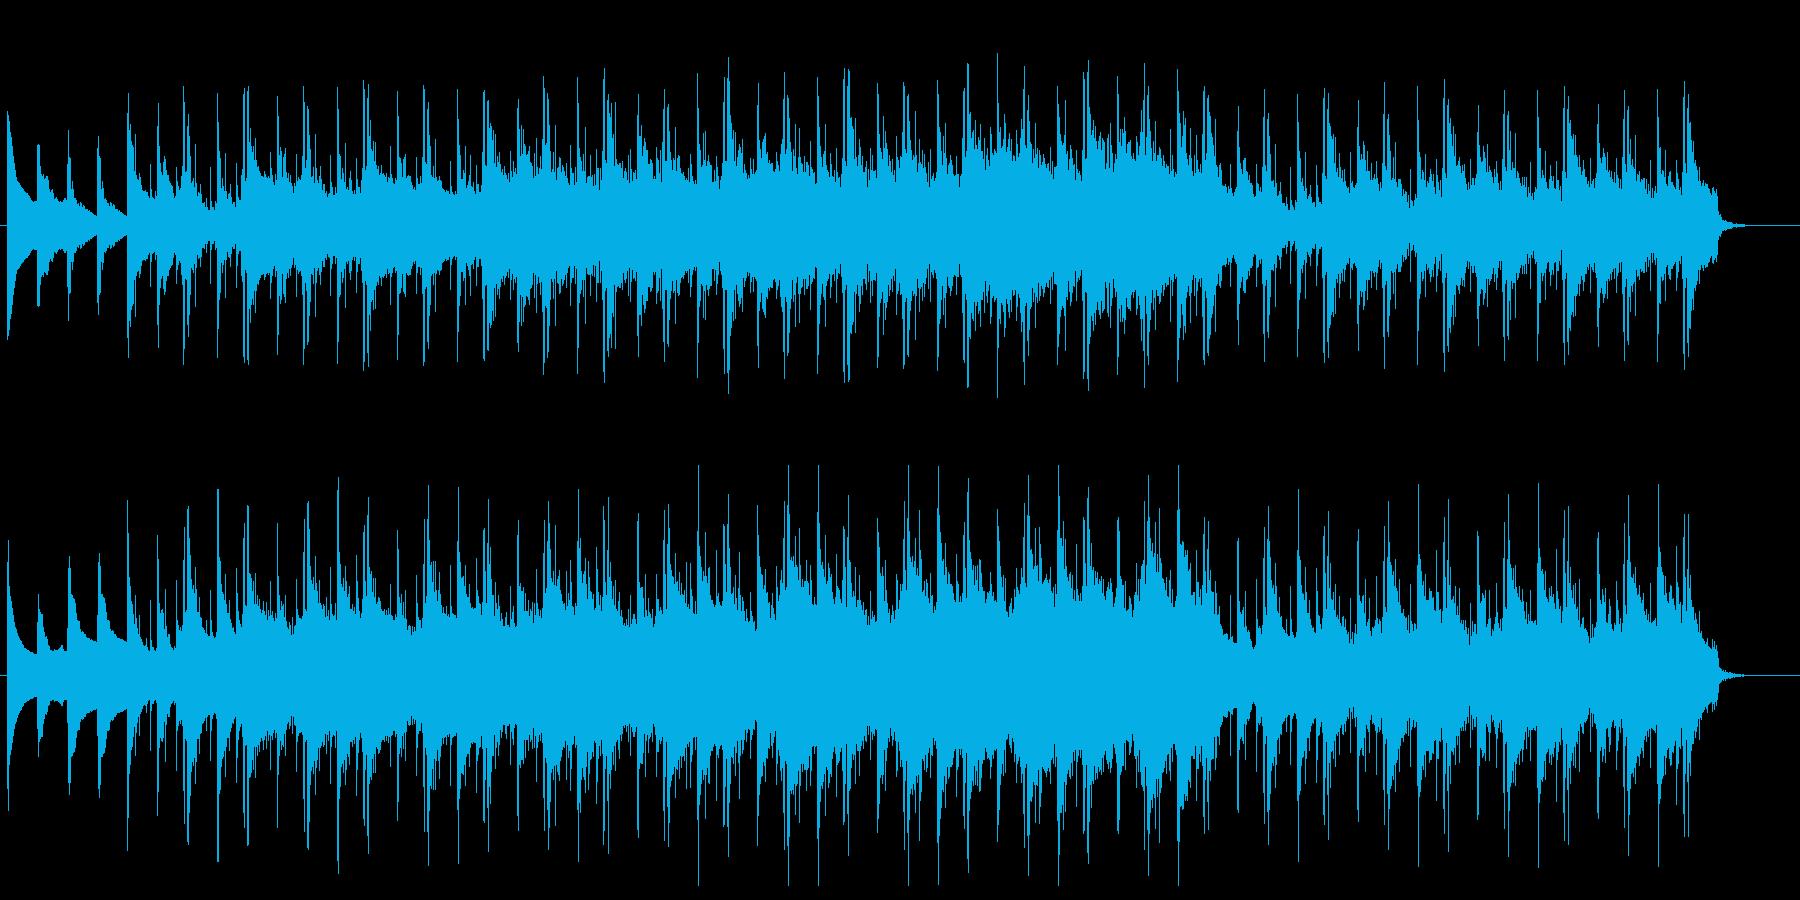 ミディアムテンポのデジタル系の楽曲の再生済みの波形